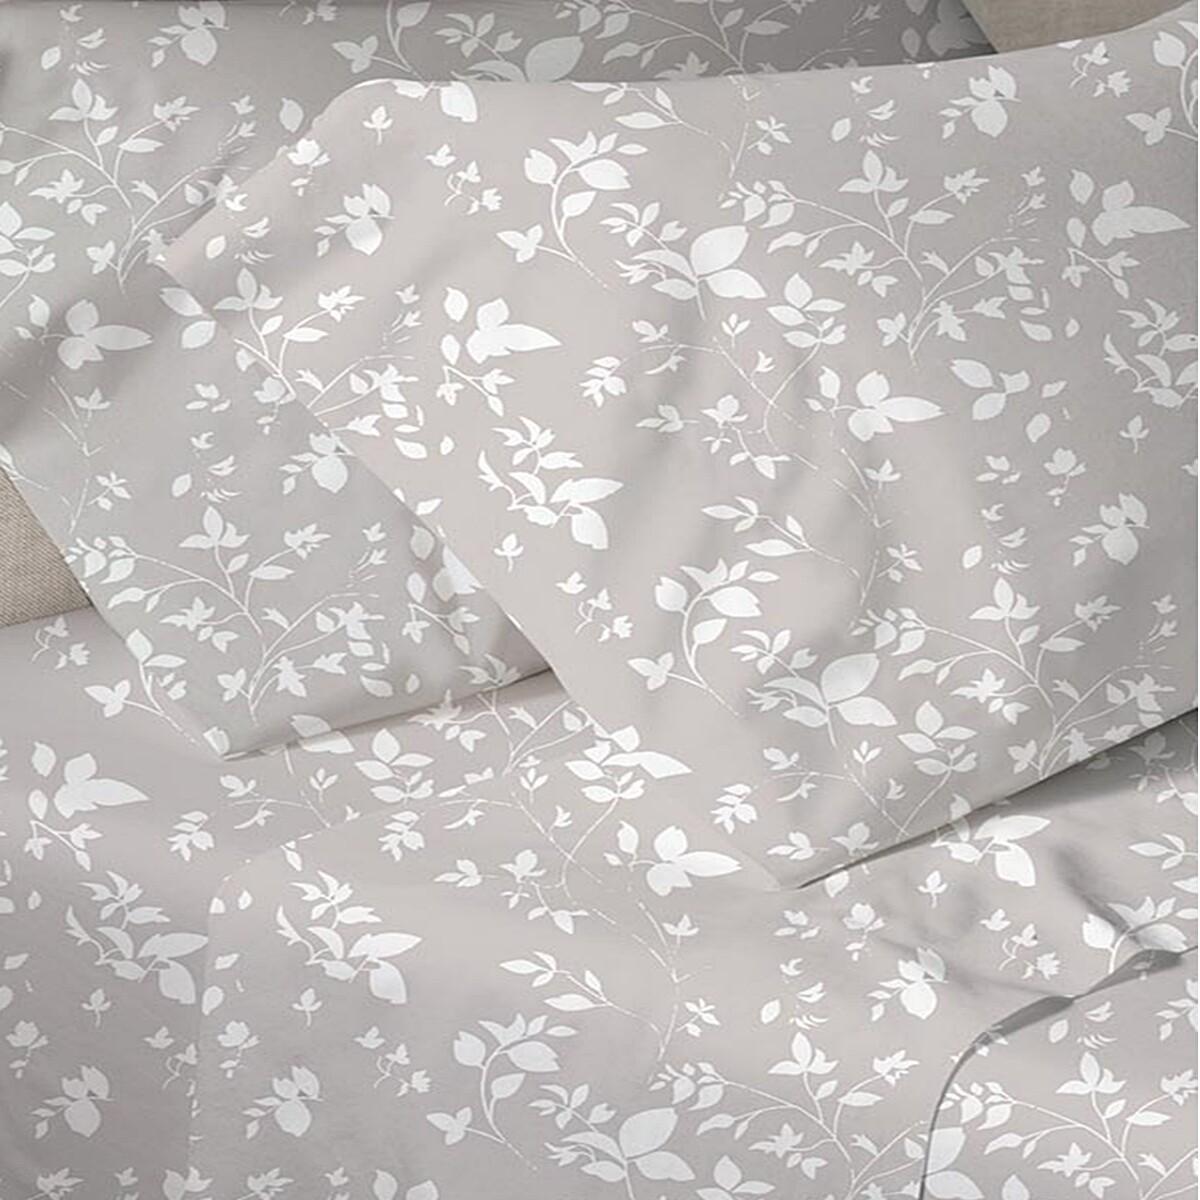 Μαξιλαροθήκες Ζευγάρι Menta 040 Gray - Sunshine